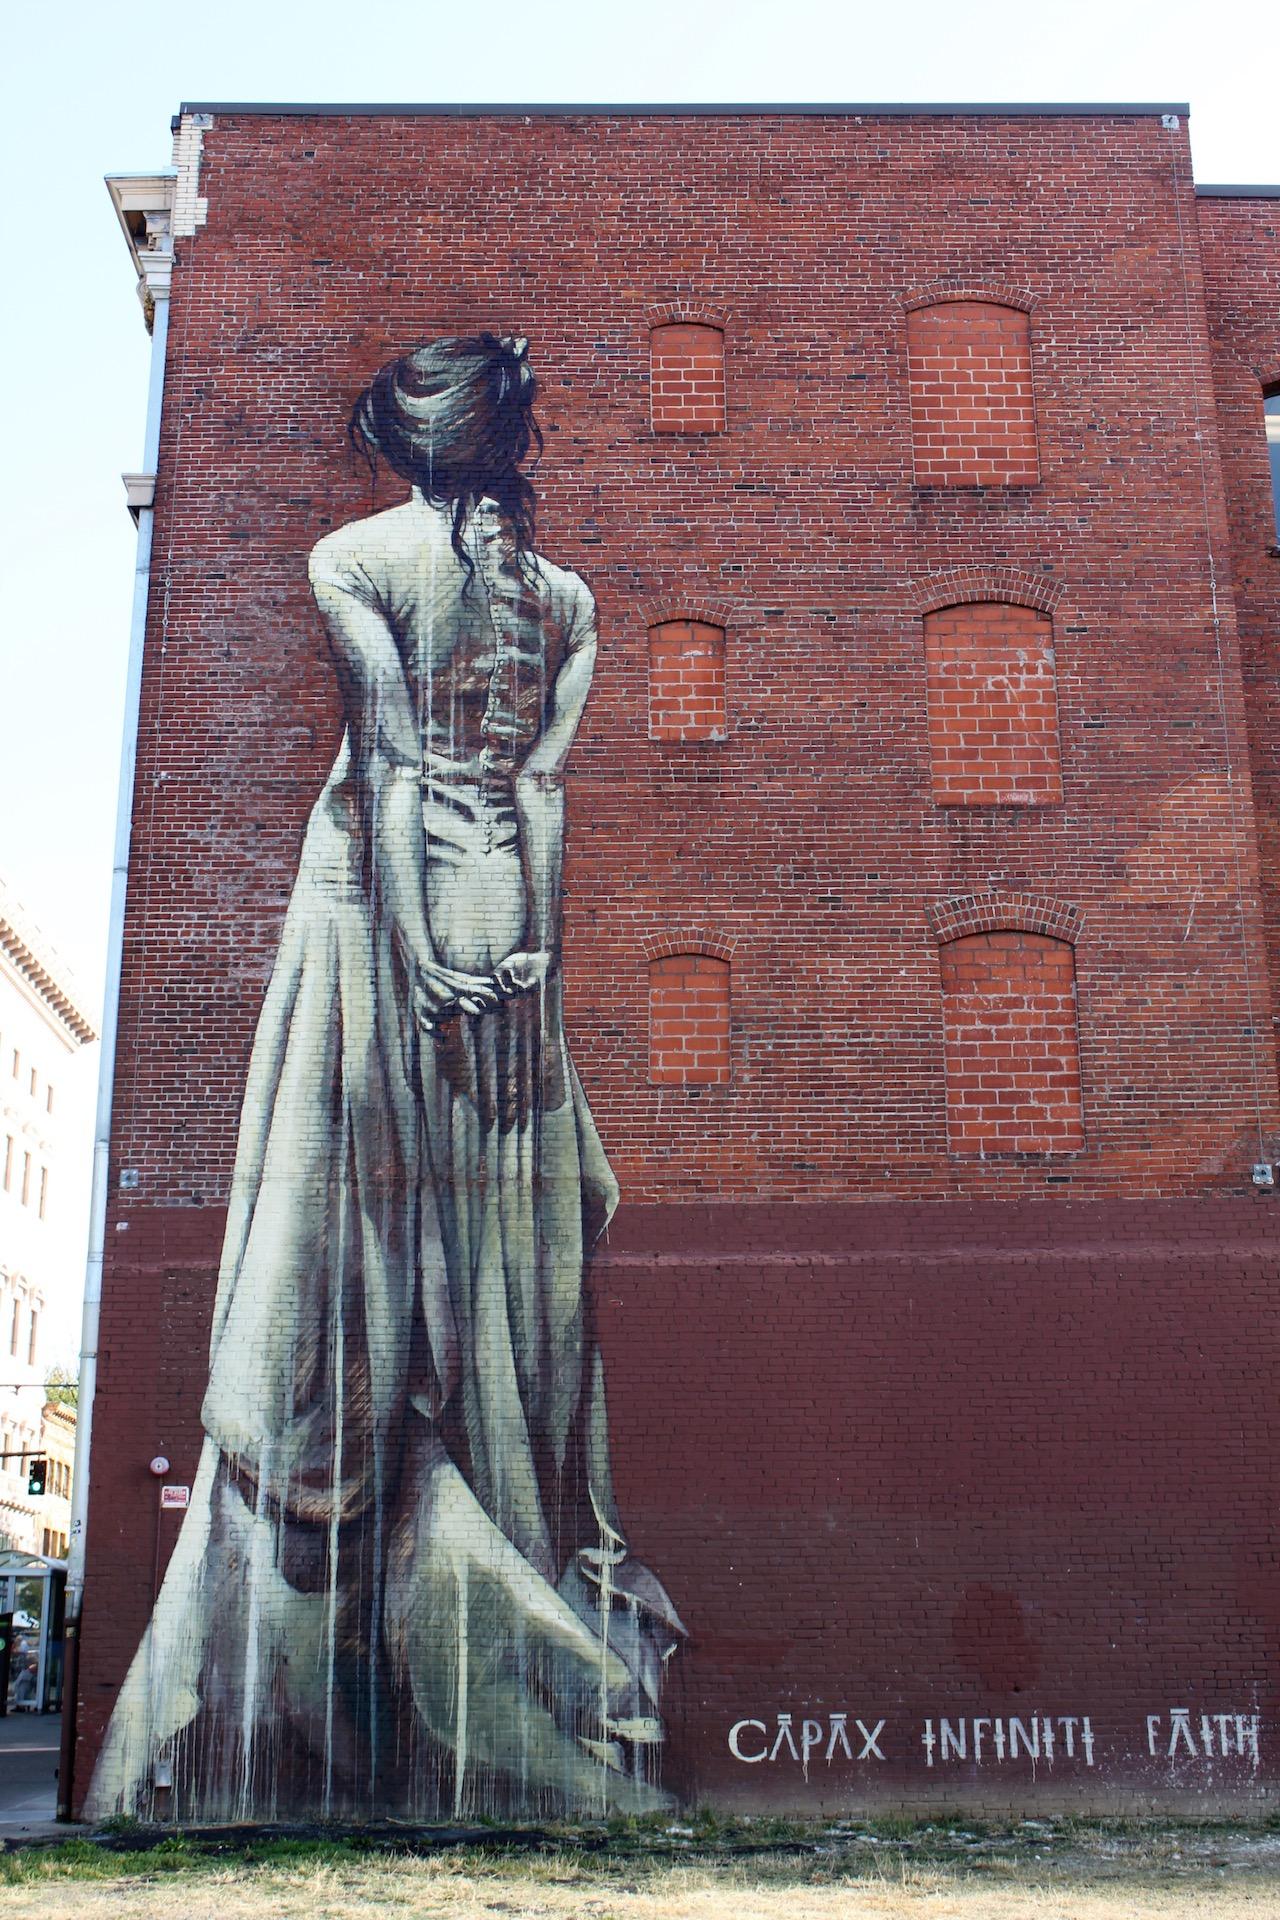 Faith47, PDX street art (image courtesty Eli Duke on flickr)